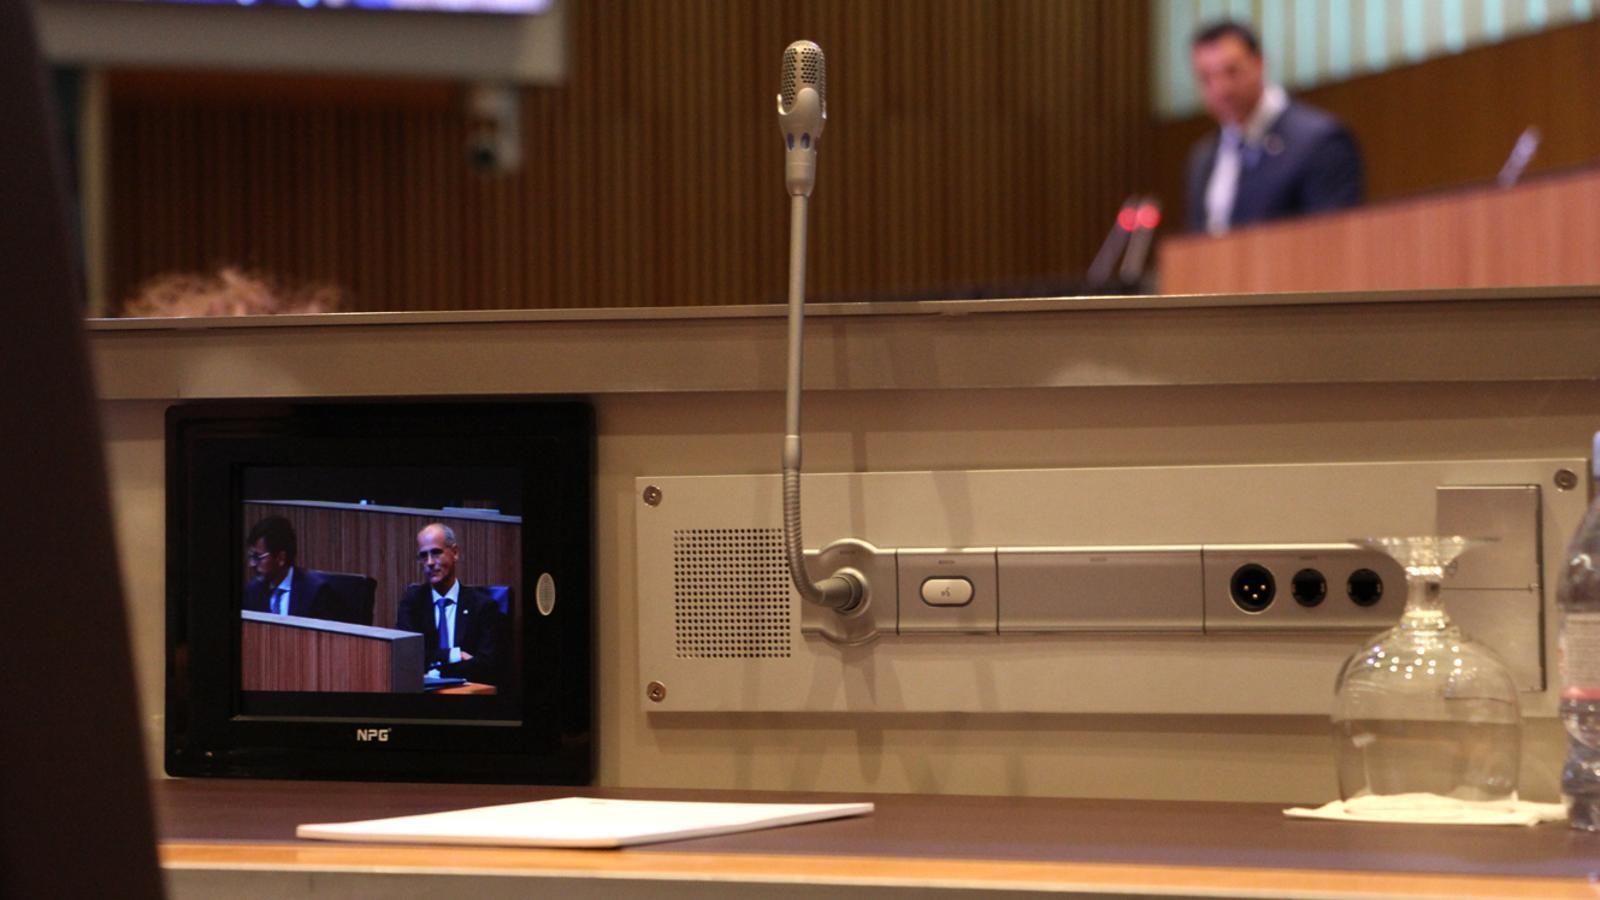 El cap de Govern, Toni Martí, segueix les rèpliques de l'oposició al seu discurs d'aquest dilluns. / M. M. (ANA)